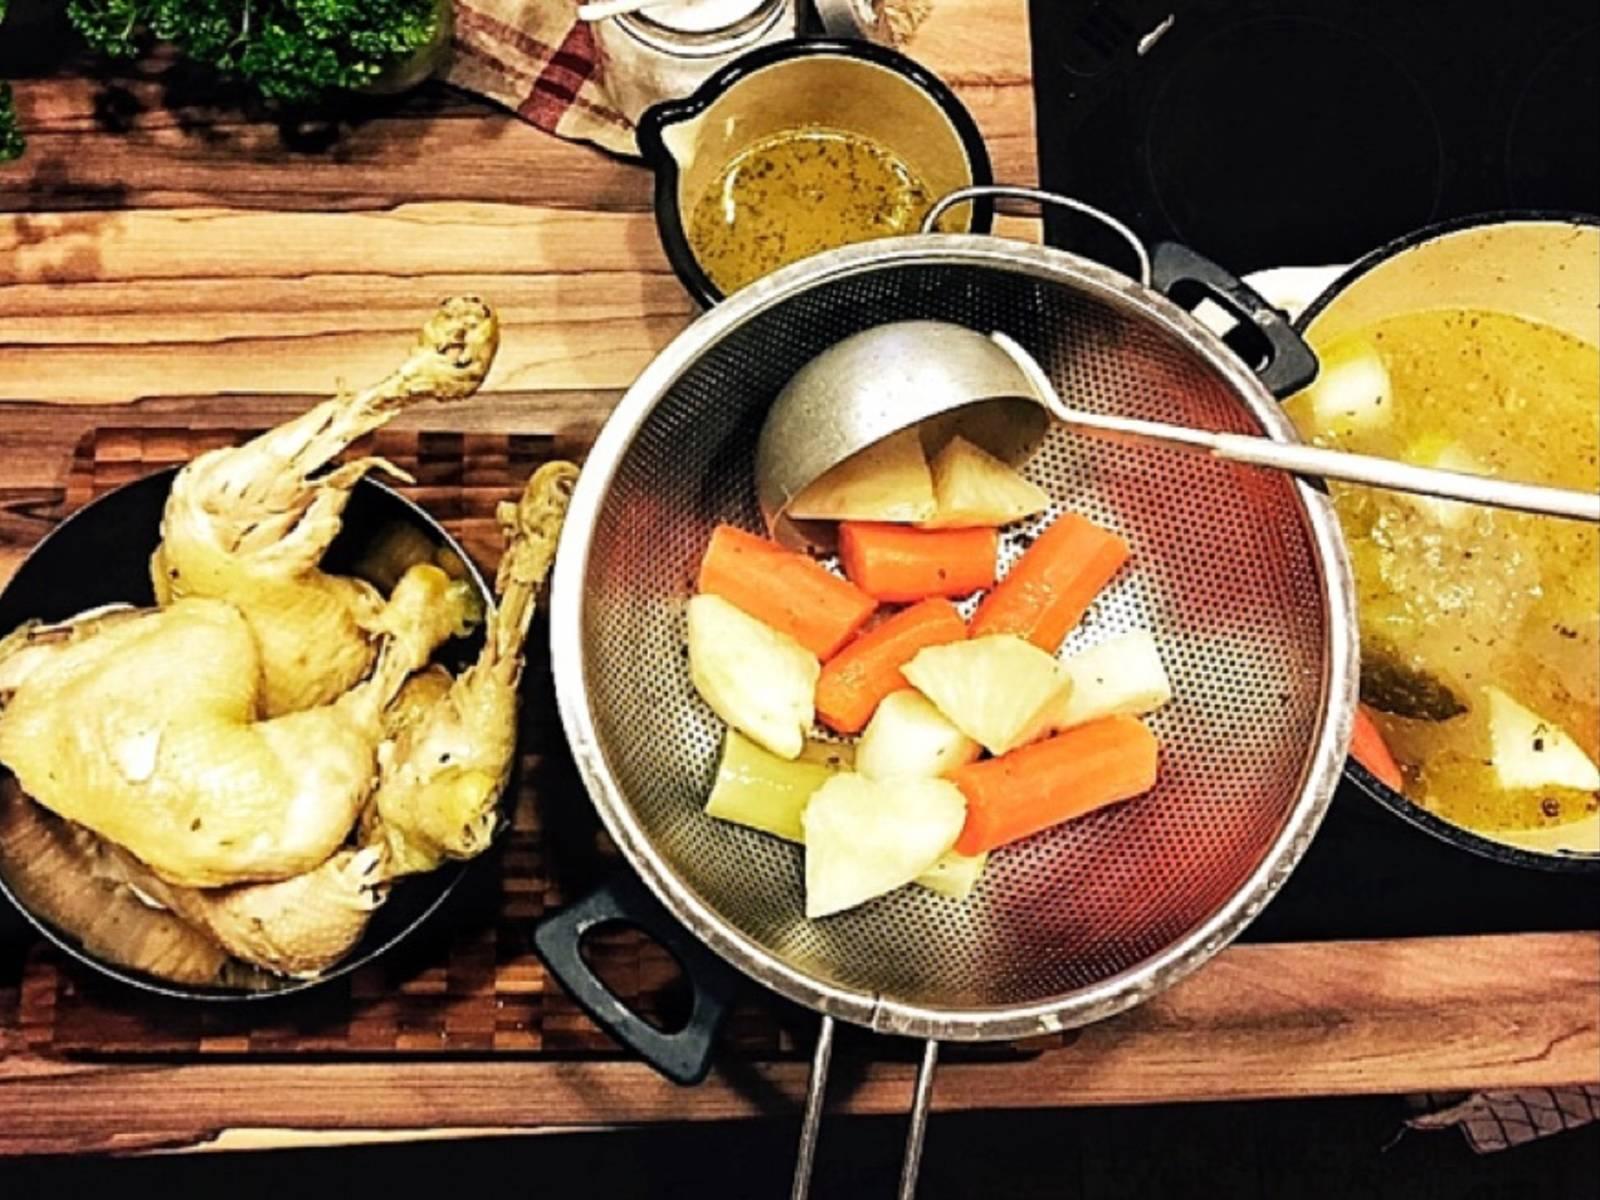 Fleisch aus der Brühe entnehmen und Brühe durch ein Sieb gießen, sodass nur die klare Hühnerbrühe übrig bleibt.